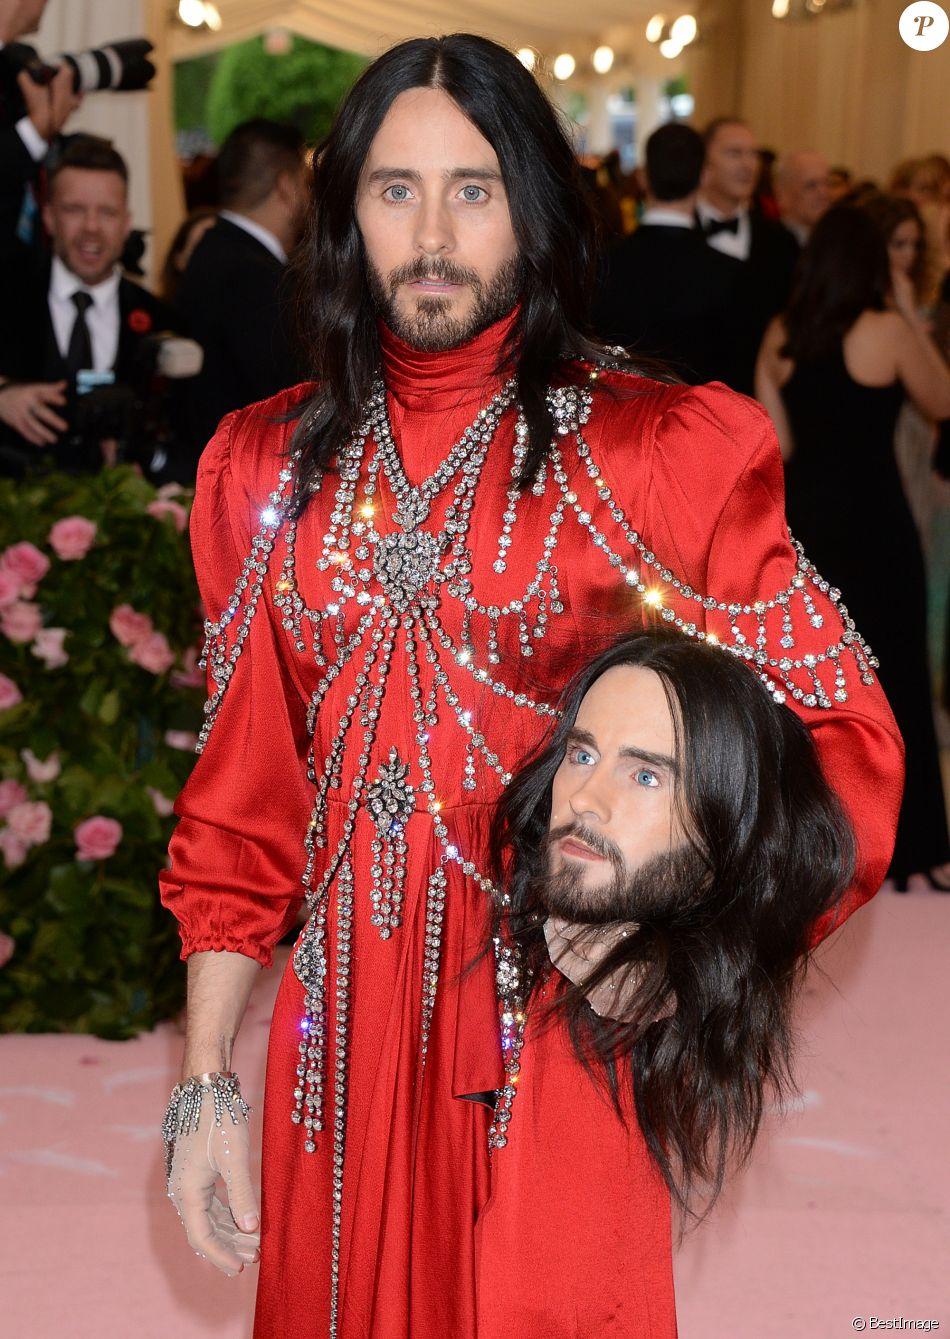 """Jared Leto - Arrivées des people à la 71ème édition du MET Gala (Met Ball, Costume Institute Benefit) sur le thème """"Camp: Notes on Fashion"""" au Metropolitan Museum of Art à New York, le 6 mai 2019"""